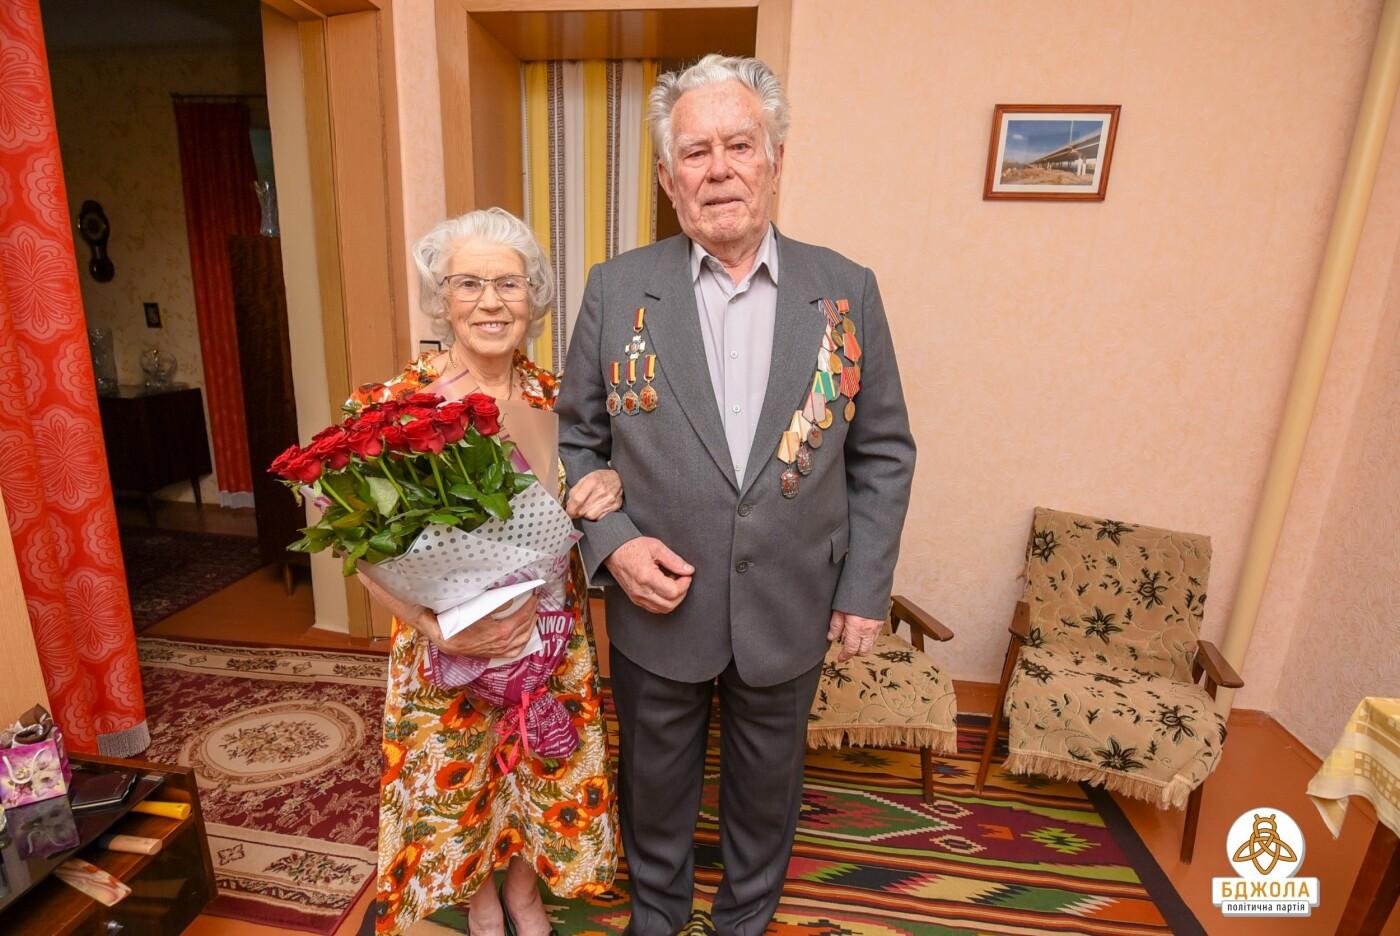 ПП «Бджола» поздравила с Днем рождения Почетного гражданина Каменского, фото-3